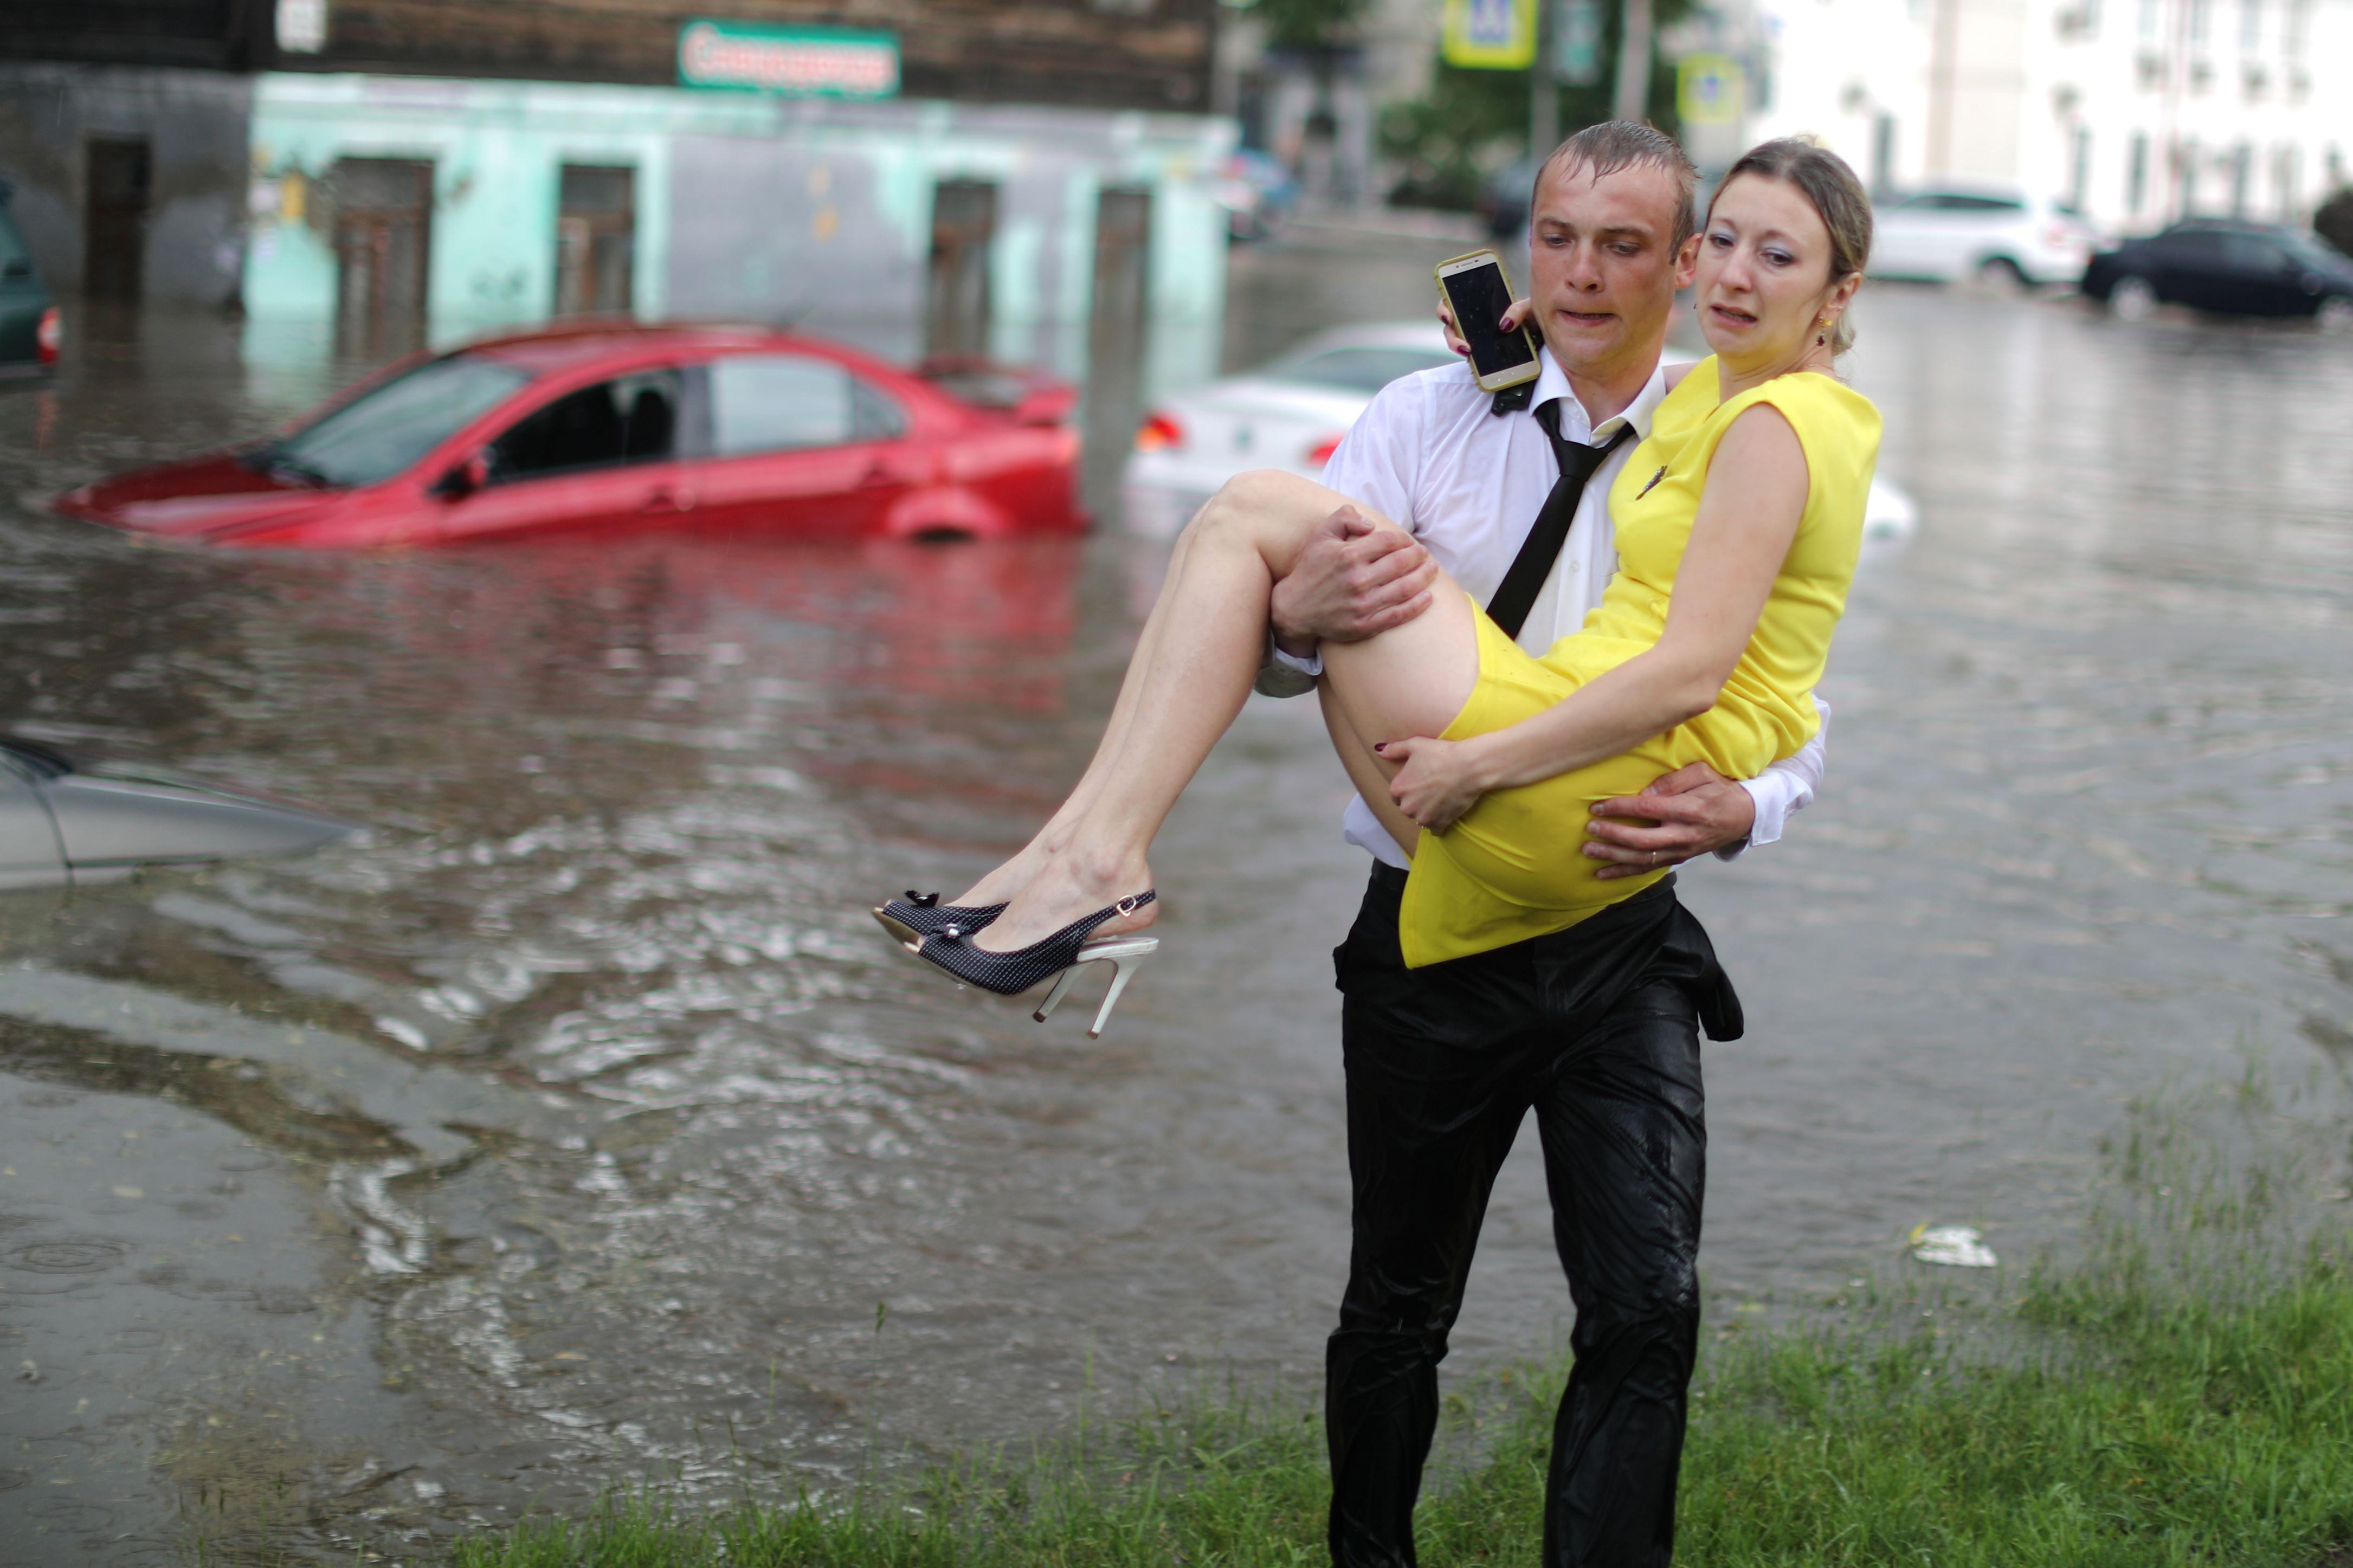 منقذ يحمل إمرأة روسية